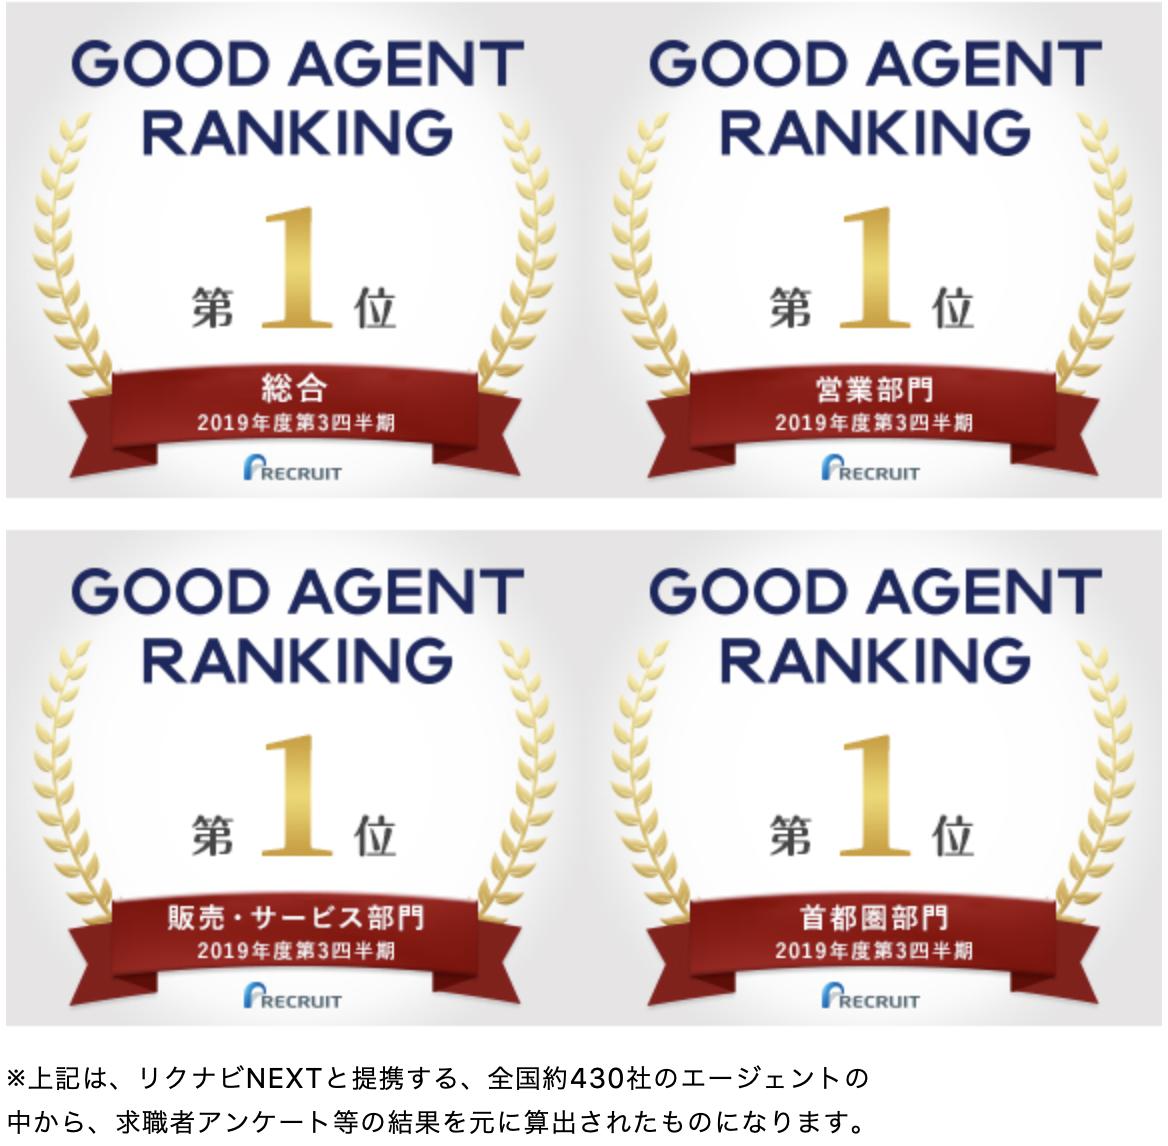 f:id:Mizutakooo:20200309143123p:plain